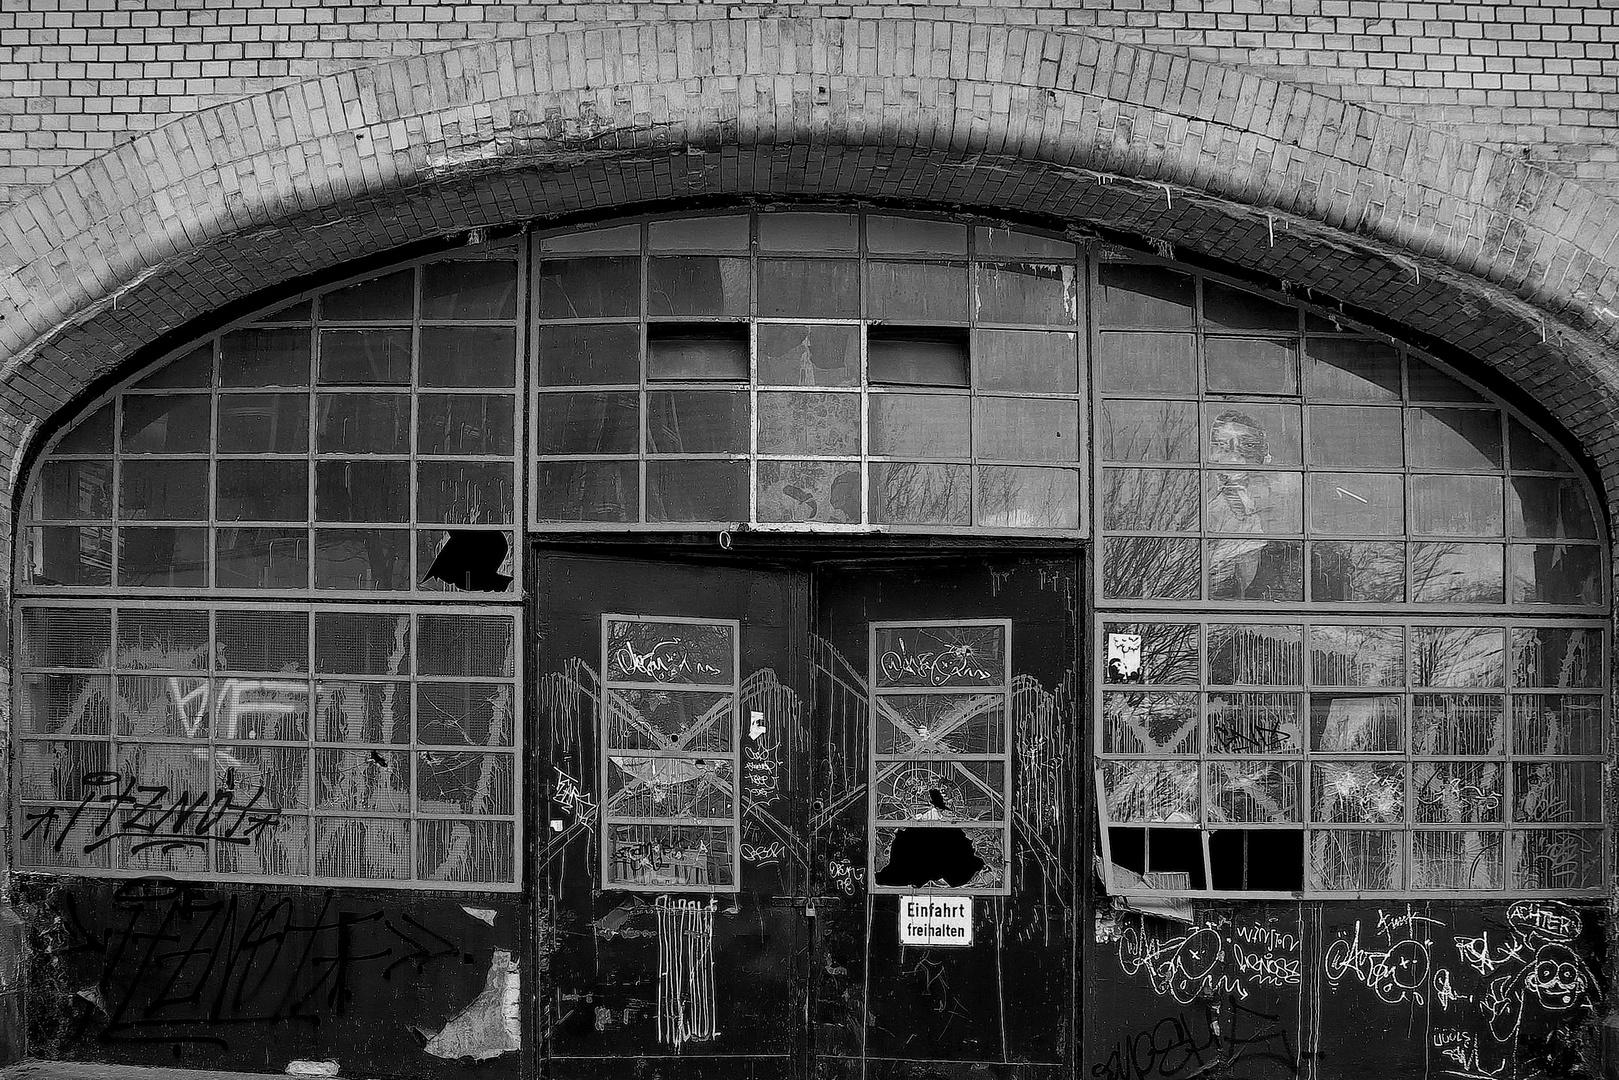 Verlassene Werkstatt an der Oberhafenstrasse in Hamburg